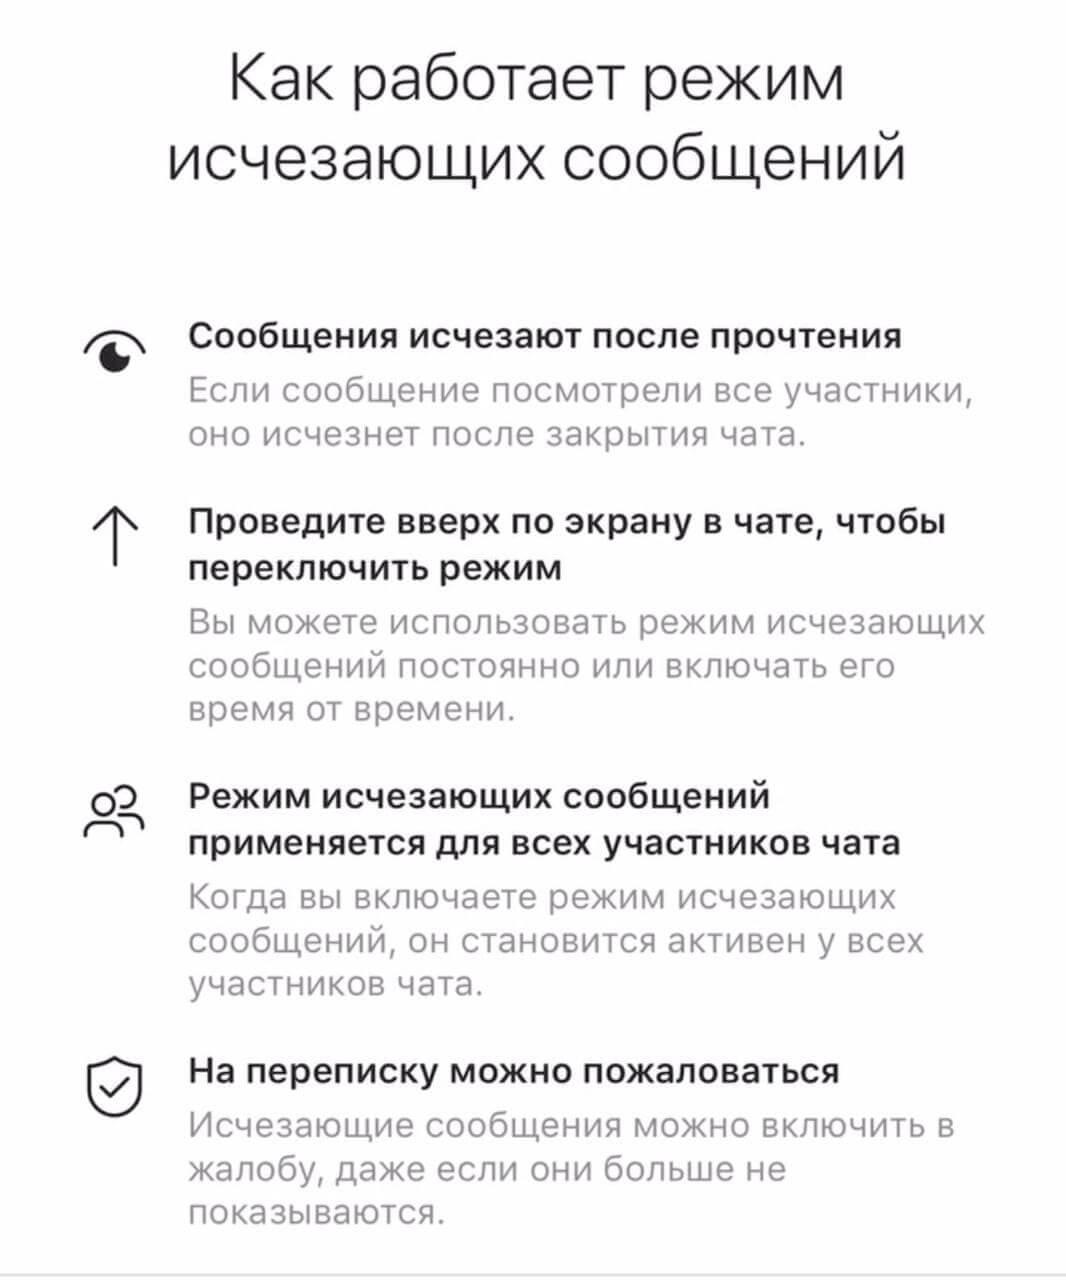 Как работают исчезающие сообщения в Инстаграм